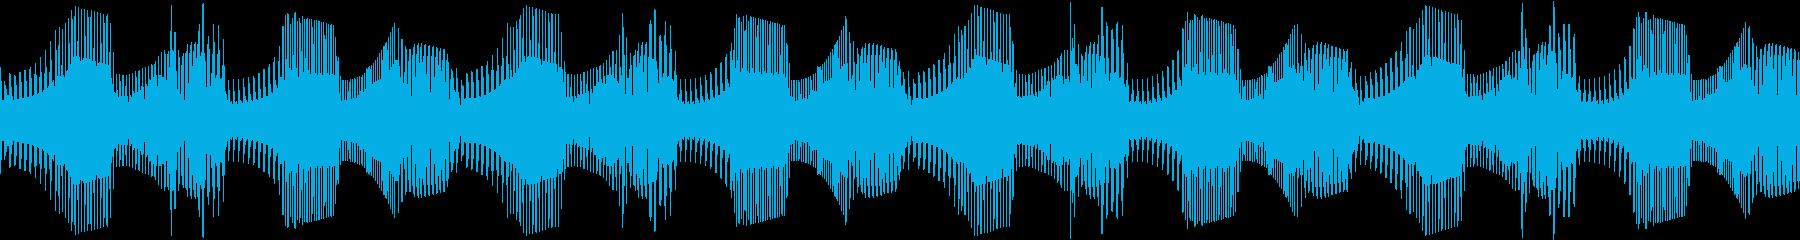 Techno ベース 6 音楽制作用の再生済みの波形